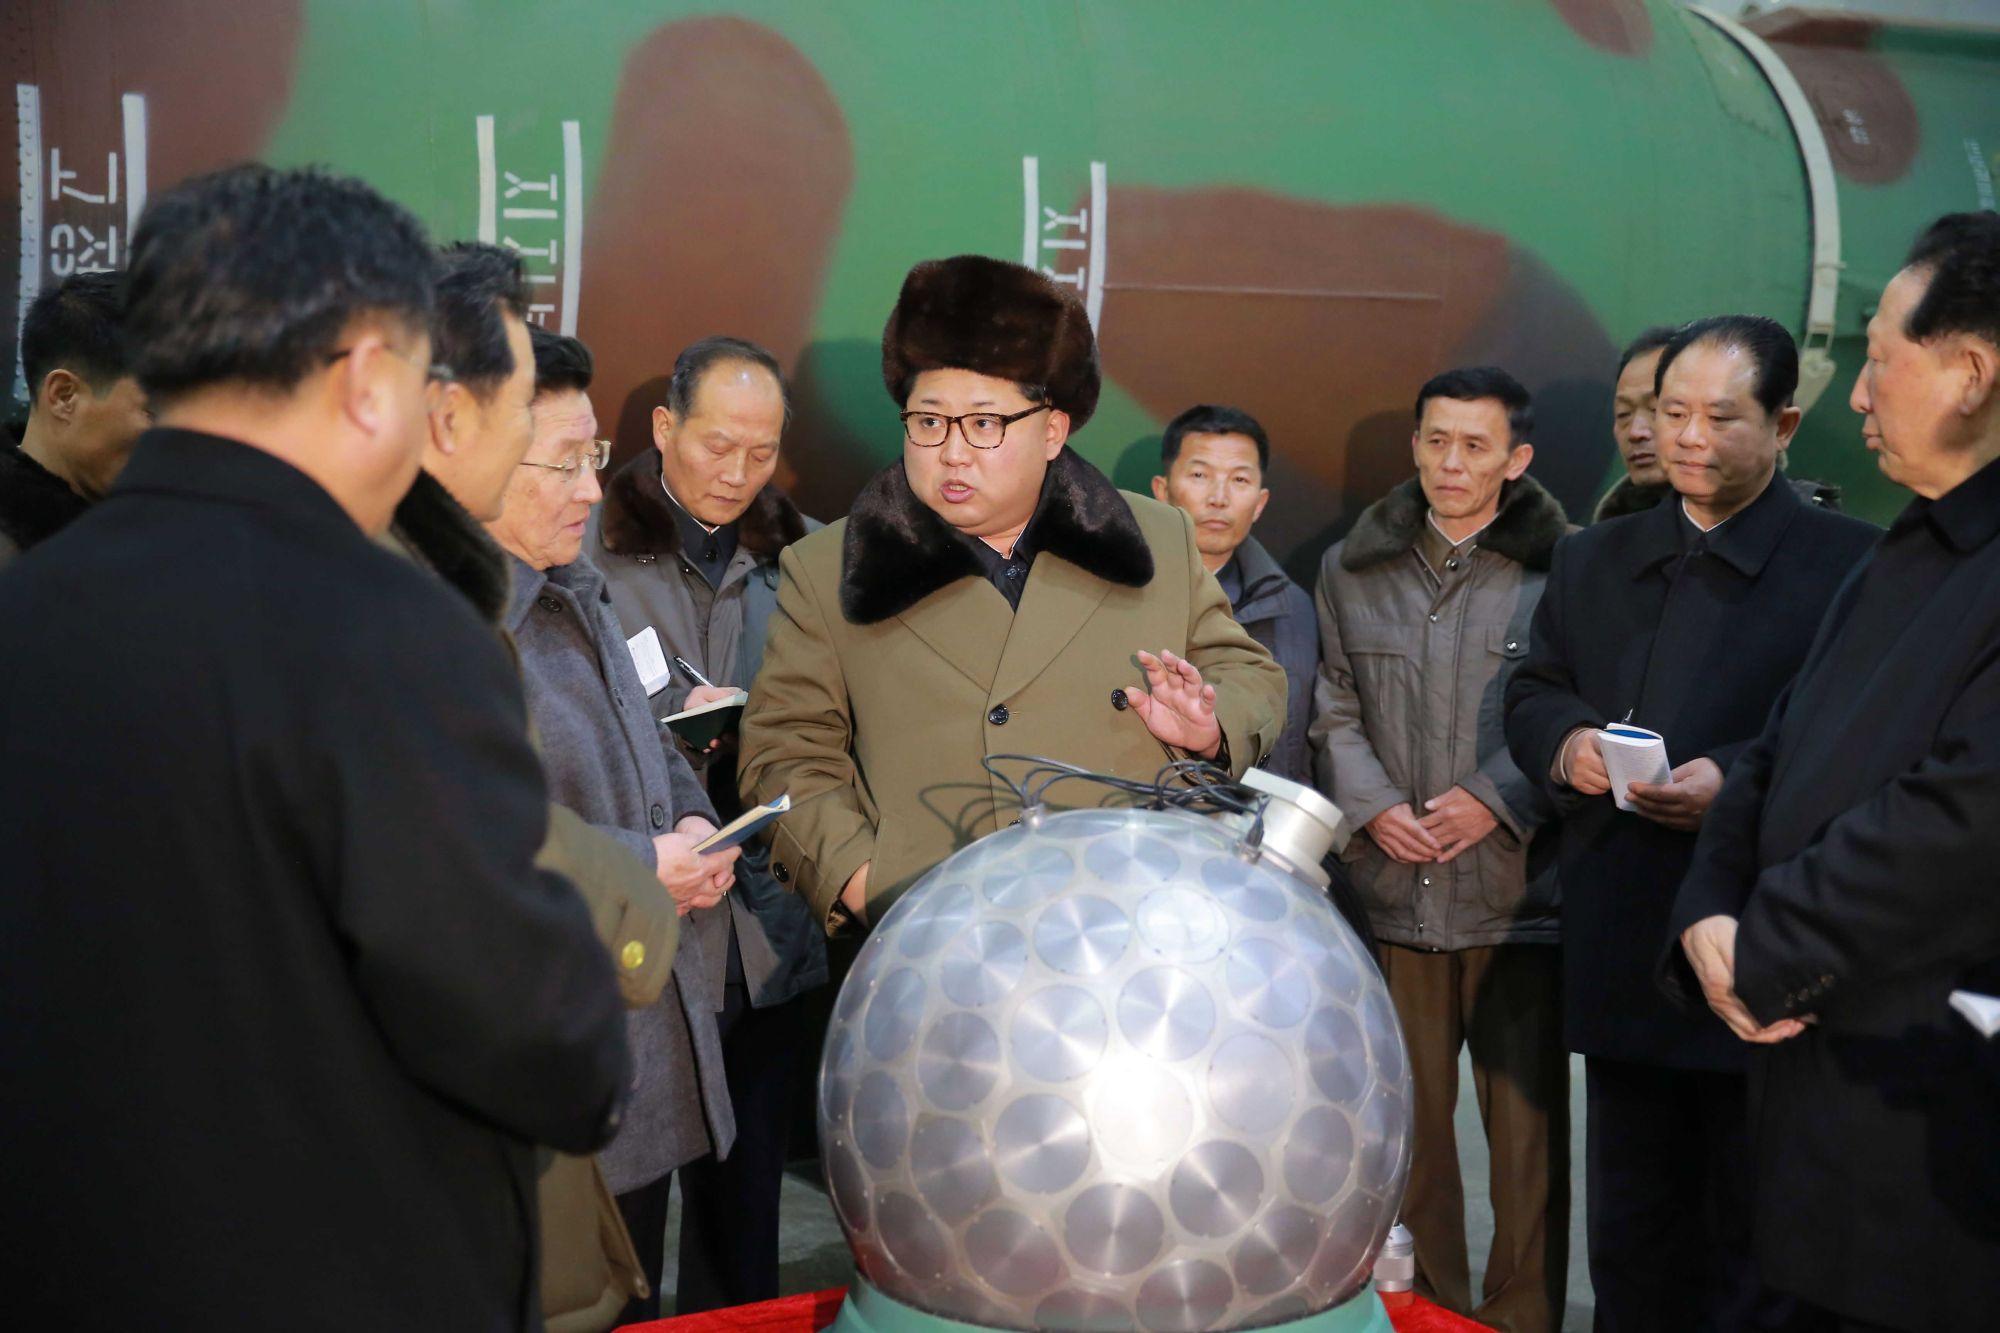 A KCNA által dátum és helyszín nélkül kiadott fotón Kim Dzsong Un tudósokkal és technikusokkal a nukleáris fegyverekről beszél. EPA/KCNA   *** Local Caption *** 53397156